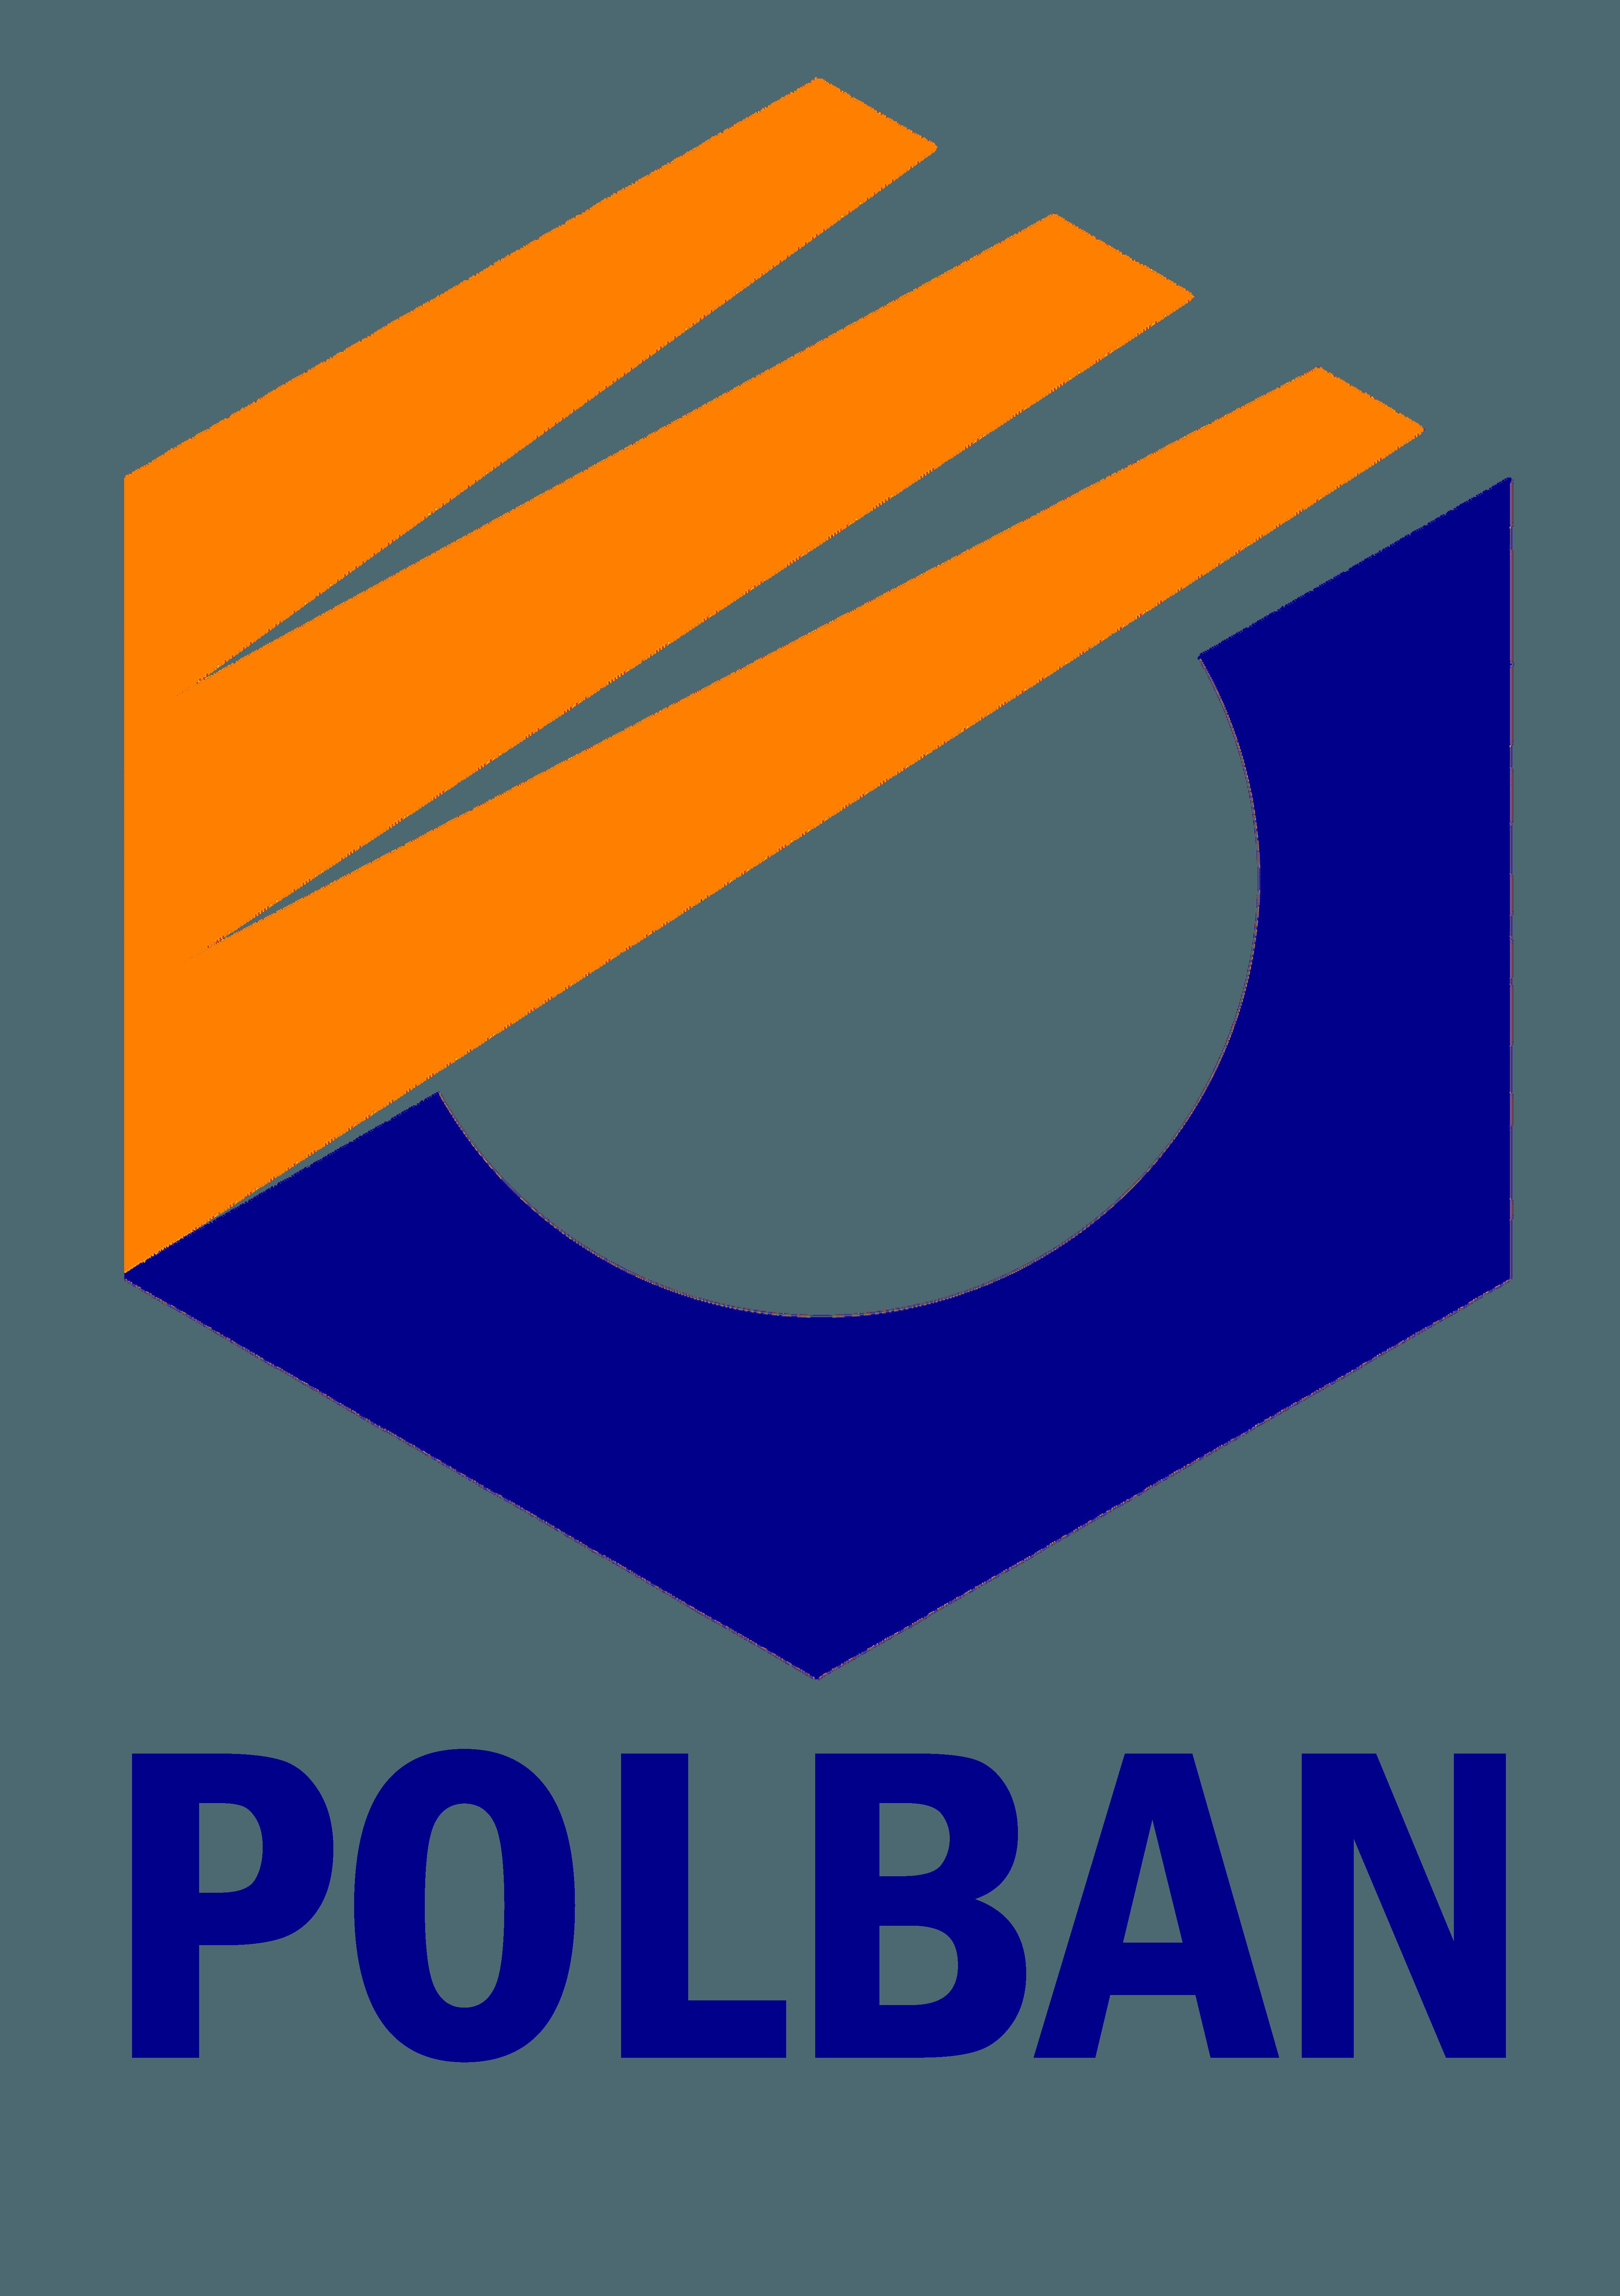 LOGO_POLBAN